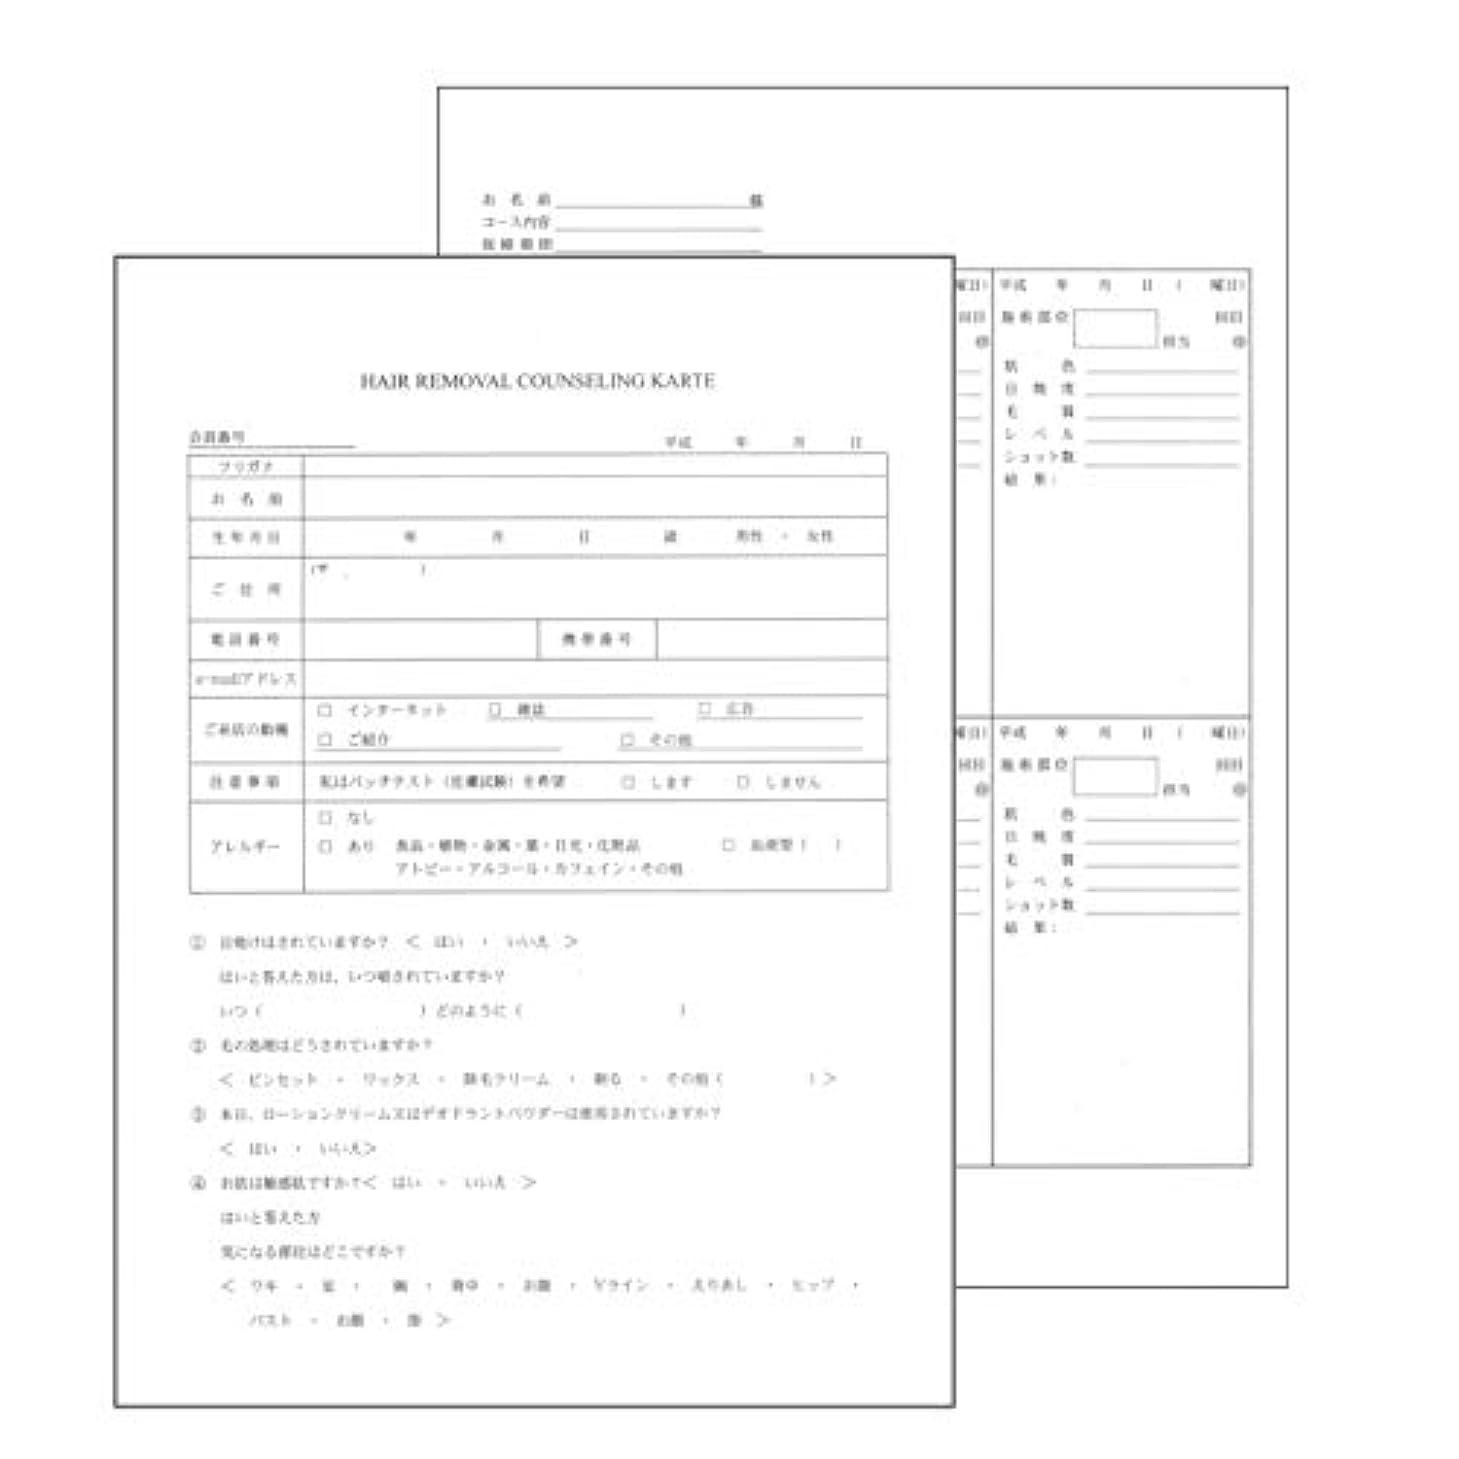 機械活気づけるまだヘアリムーバル カウンセリングカルテ A4判両面/4ページ構成(50枚入)